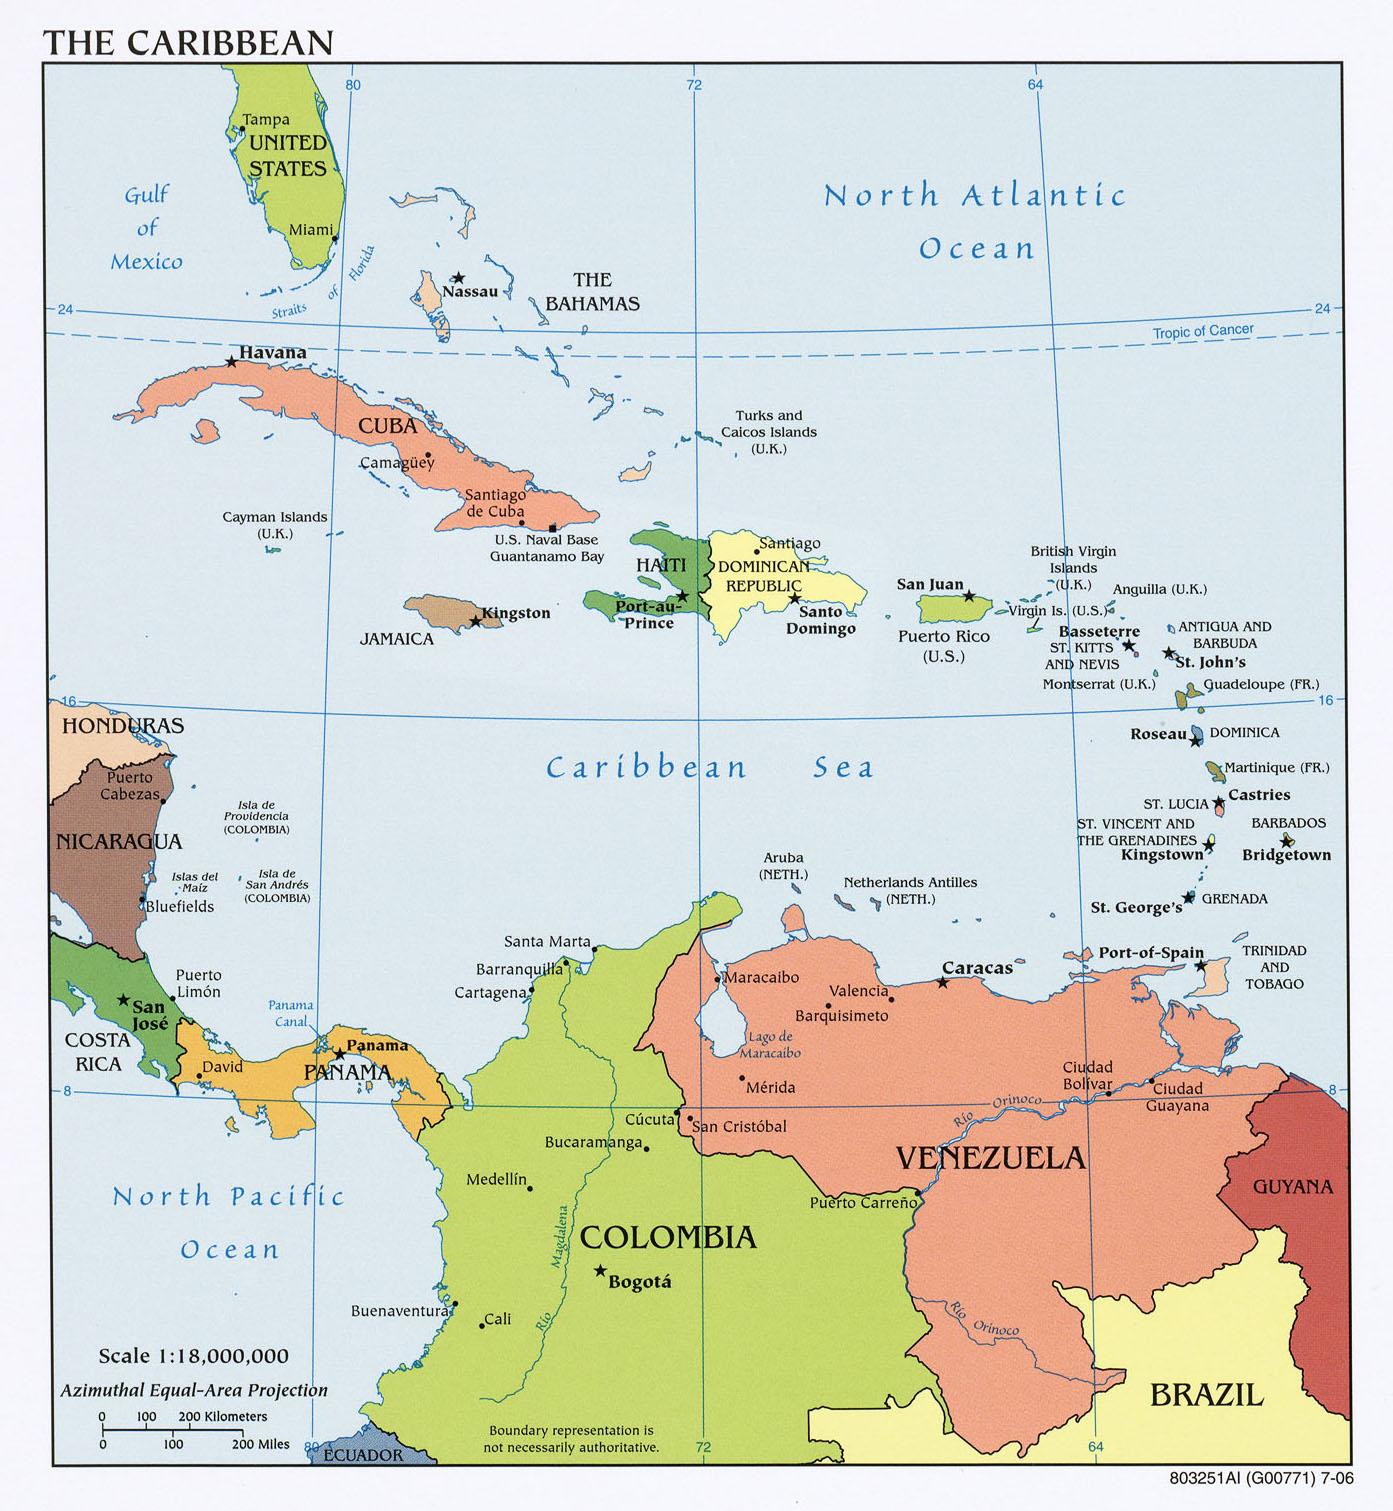 Karibik Karte.Karte Der Karibik Politische Karte Weltkarte Com Karten Und